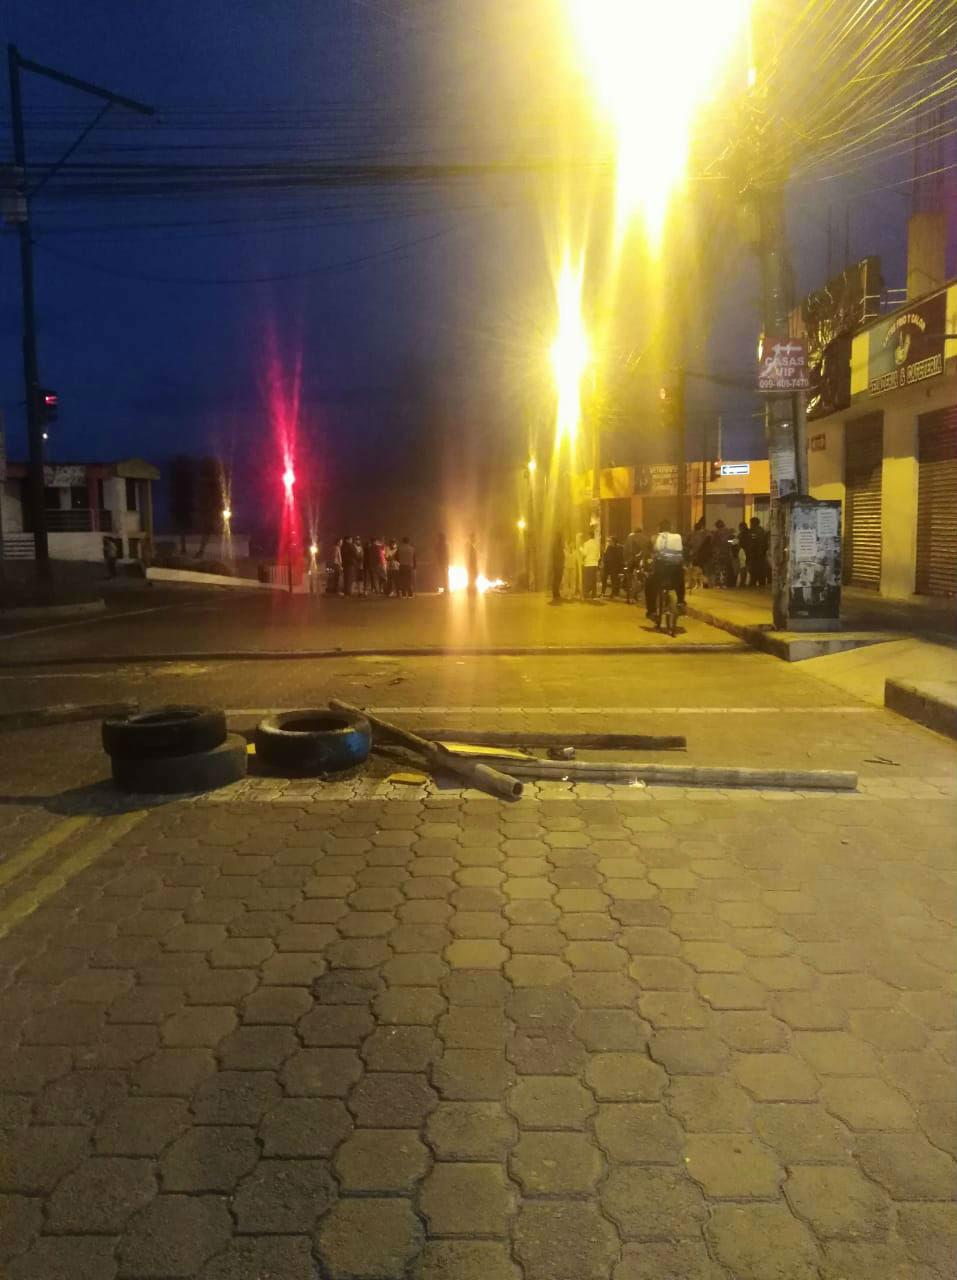 Calles de Calderón, Ecuador, desoladas y algunos elementos en la calle para impedir circulación.